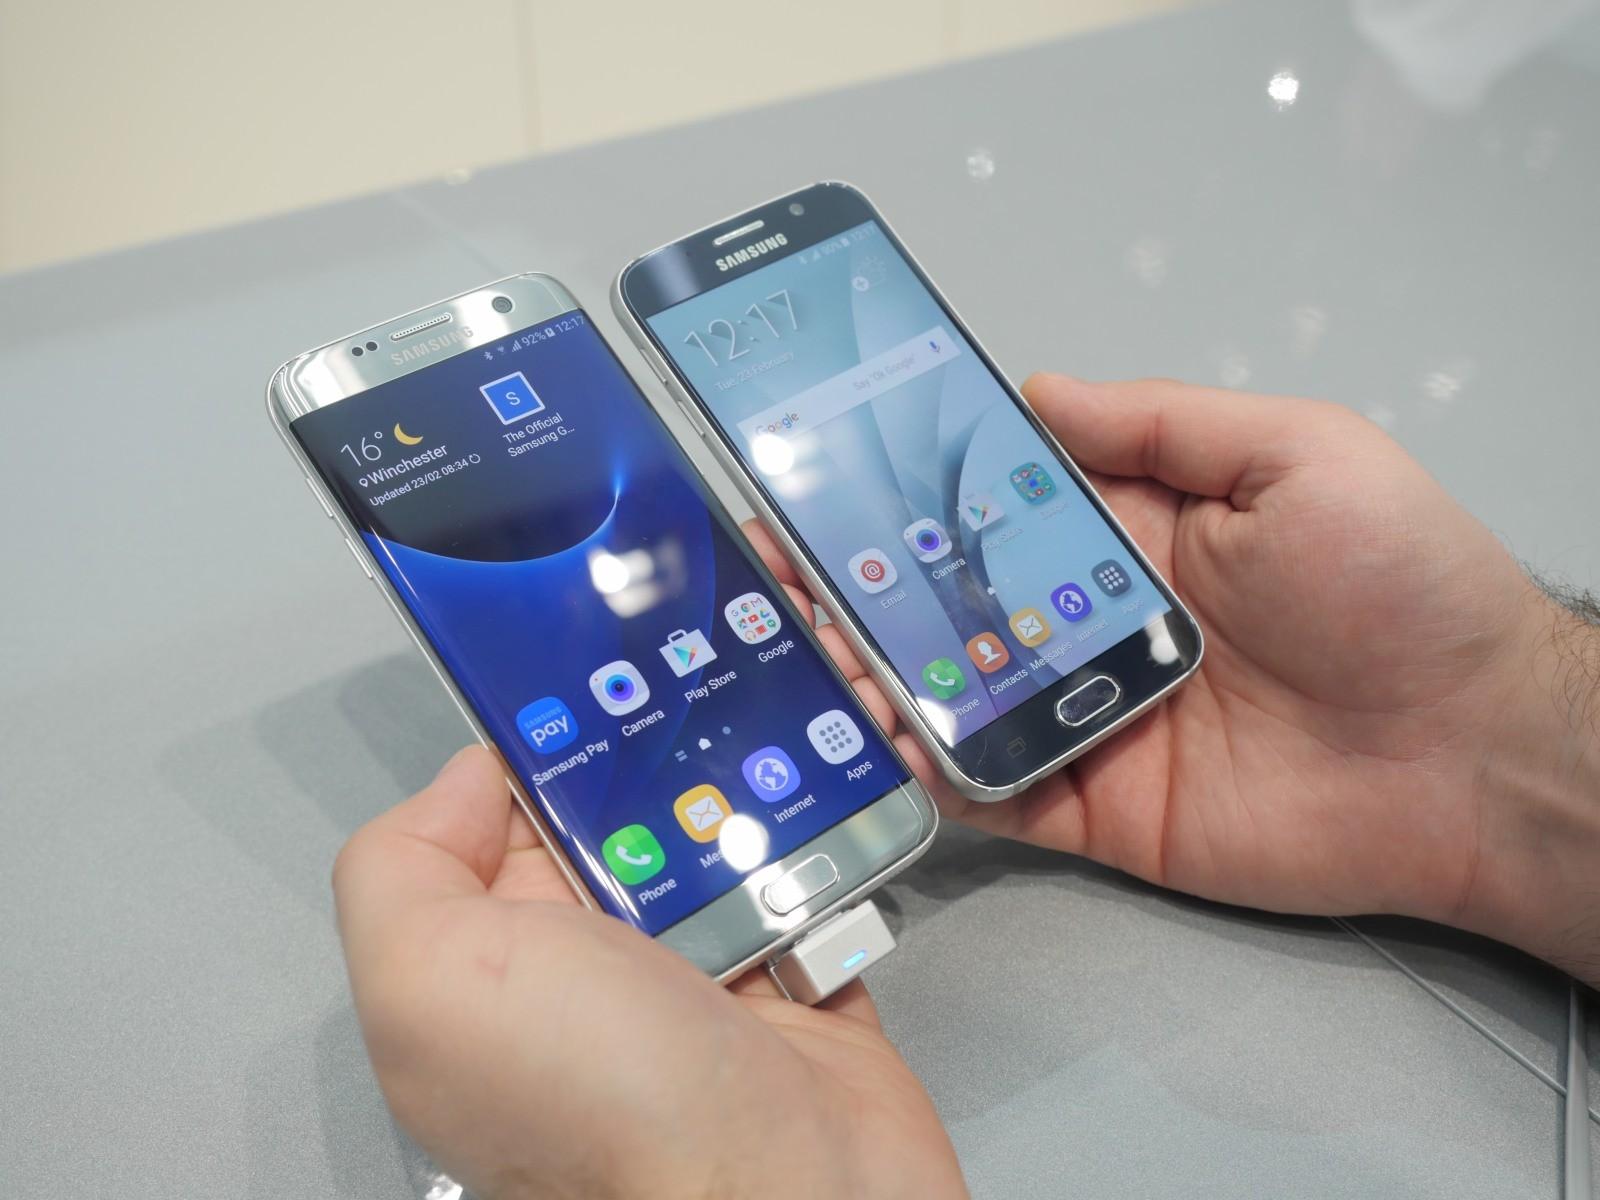 Samsung-Galaxy-S7-edge-vs-S6-1.JPG